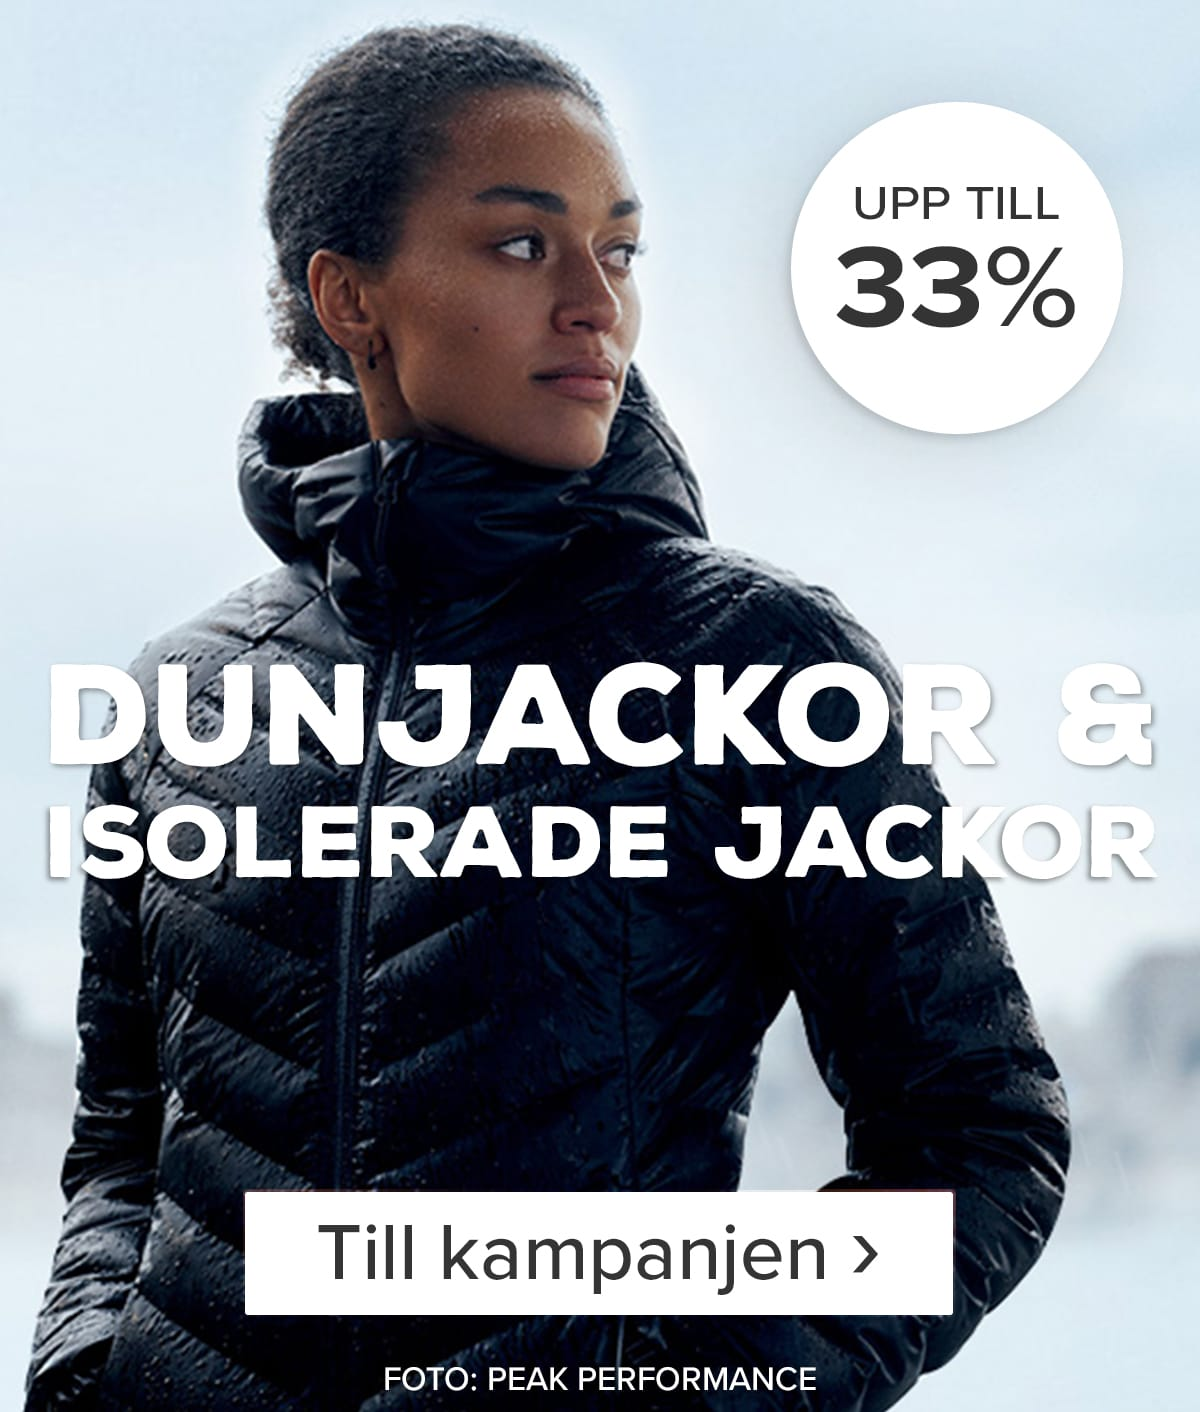 Upp till 33% på dunjackor och isolerade jackor. Se här